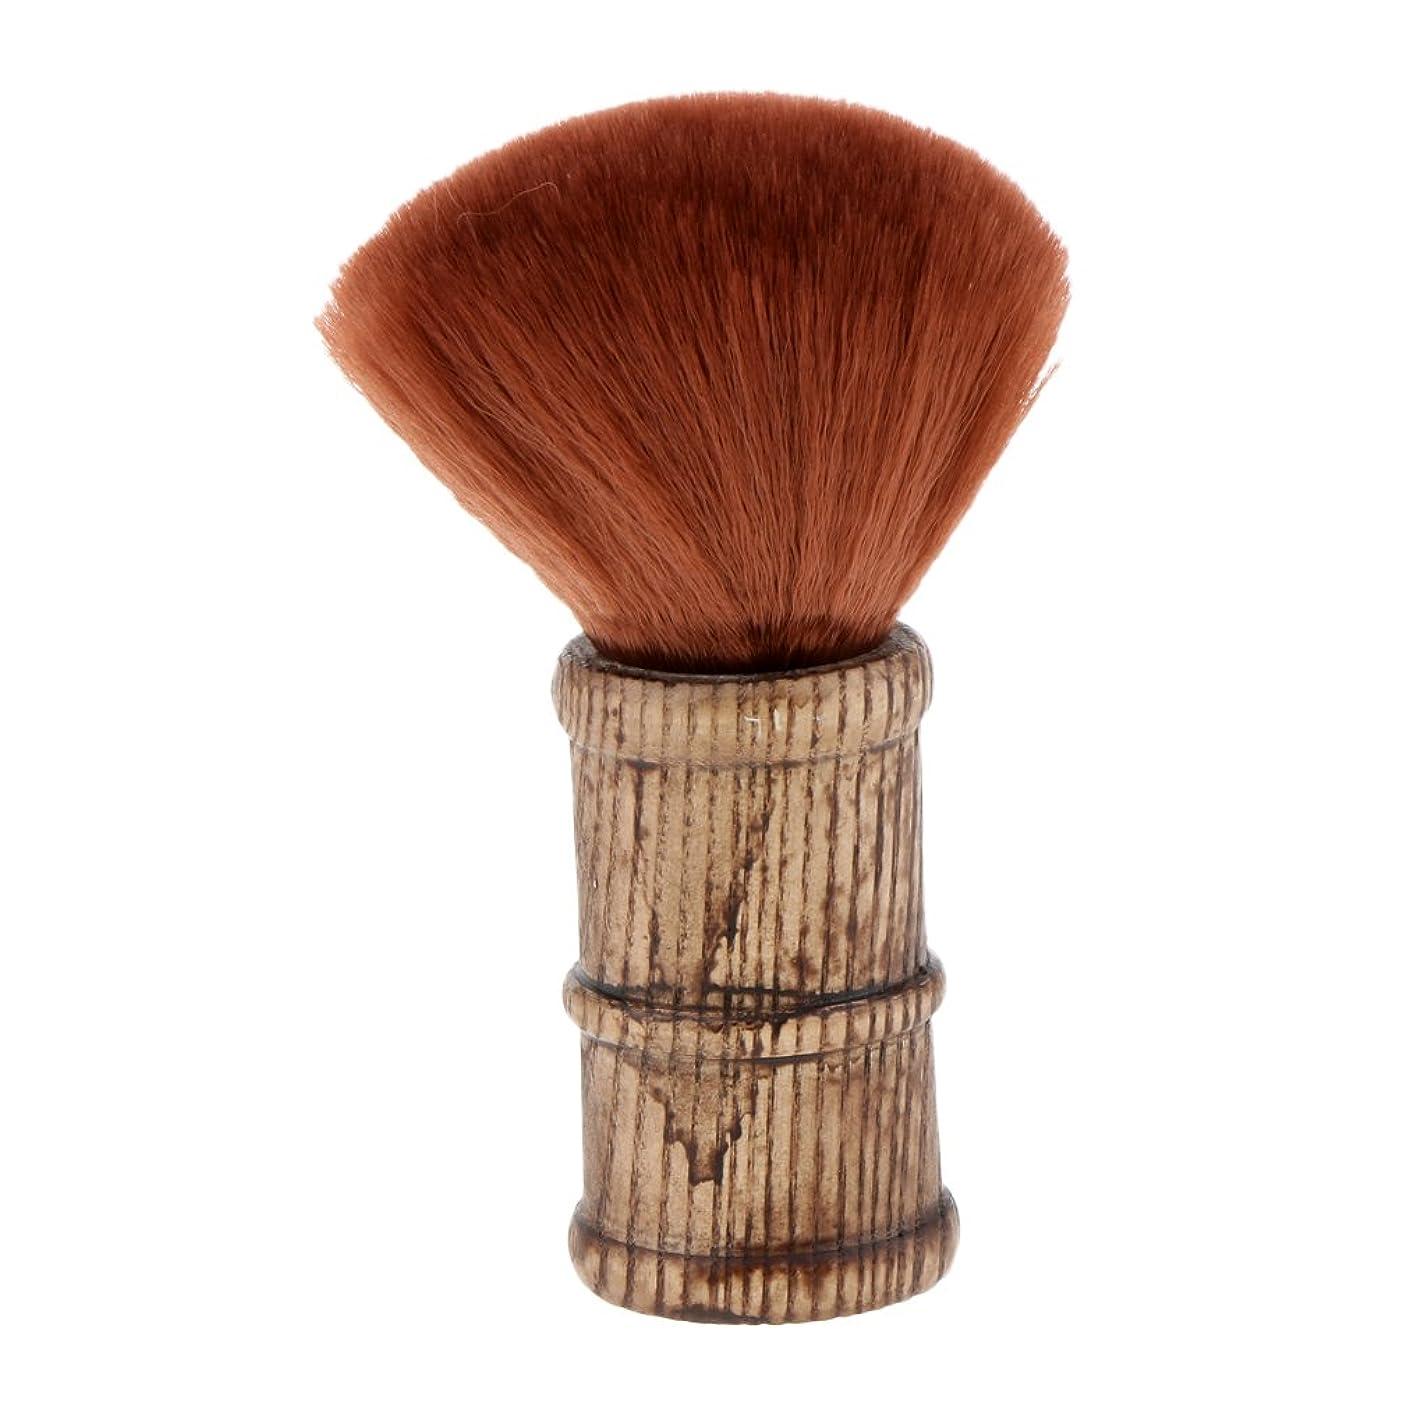 宿数値死んでいるネックダスターブラシ ヘアカットブラシ メイクブラシ サロン 理髪師 2色選べ - 褐色